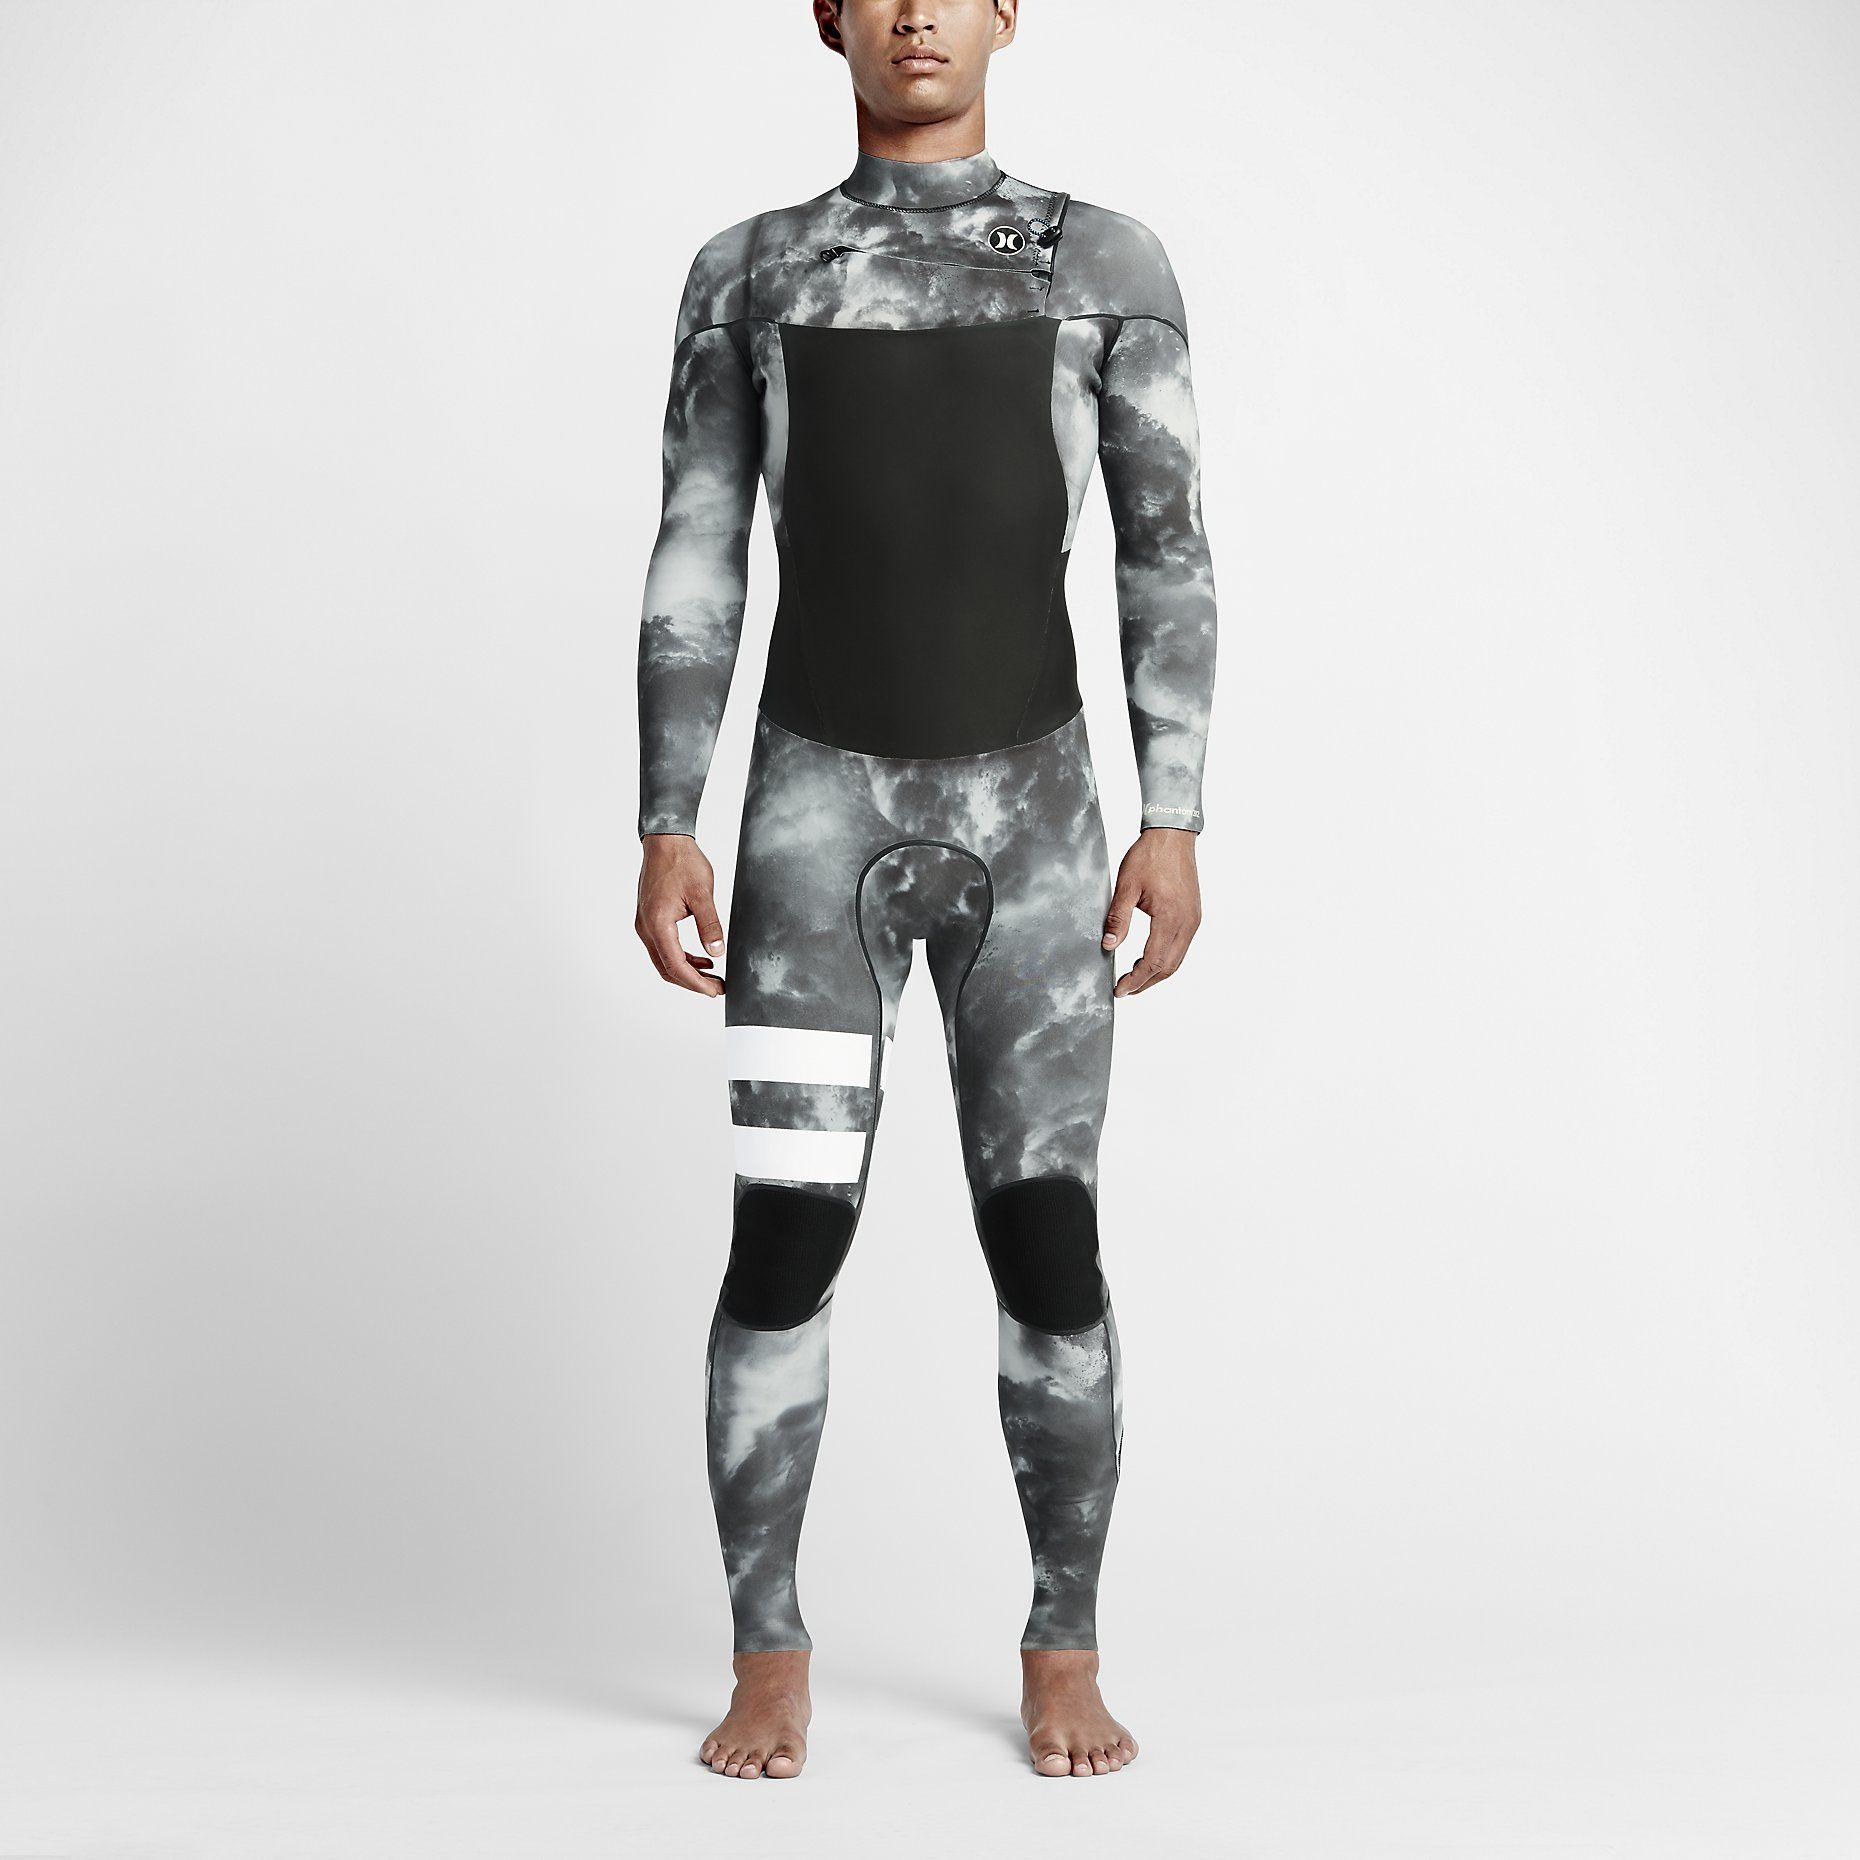 8e2921ef32492 Hurley Phantom 202 Fullsuit Men s Wetsuit. Nike Store